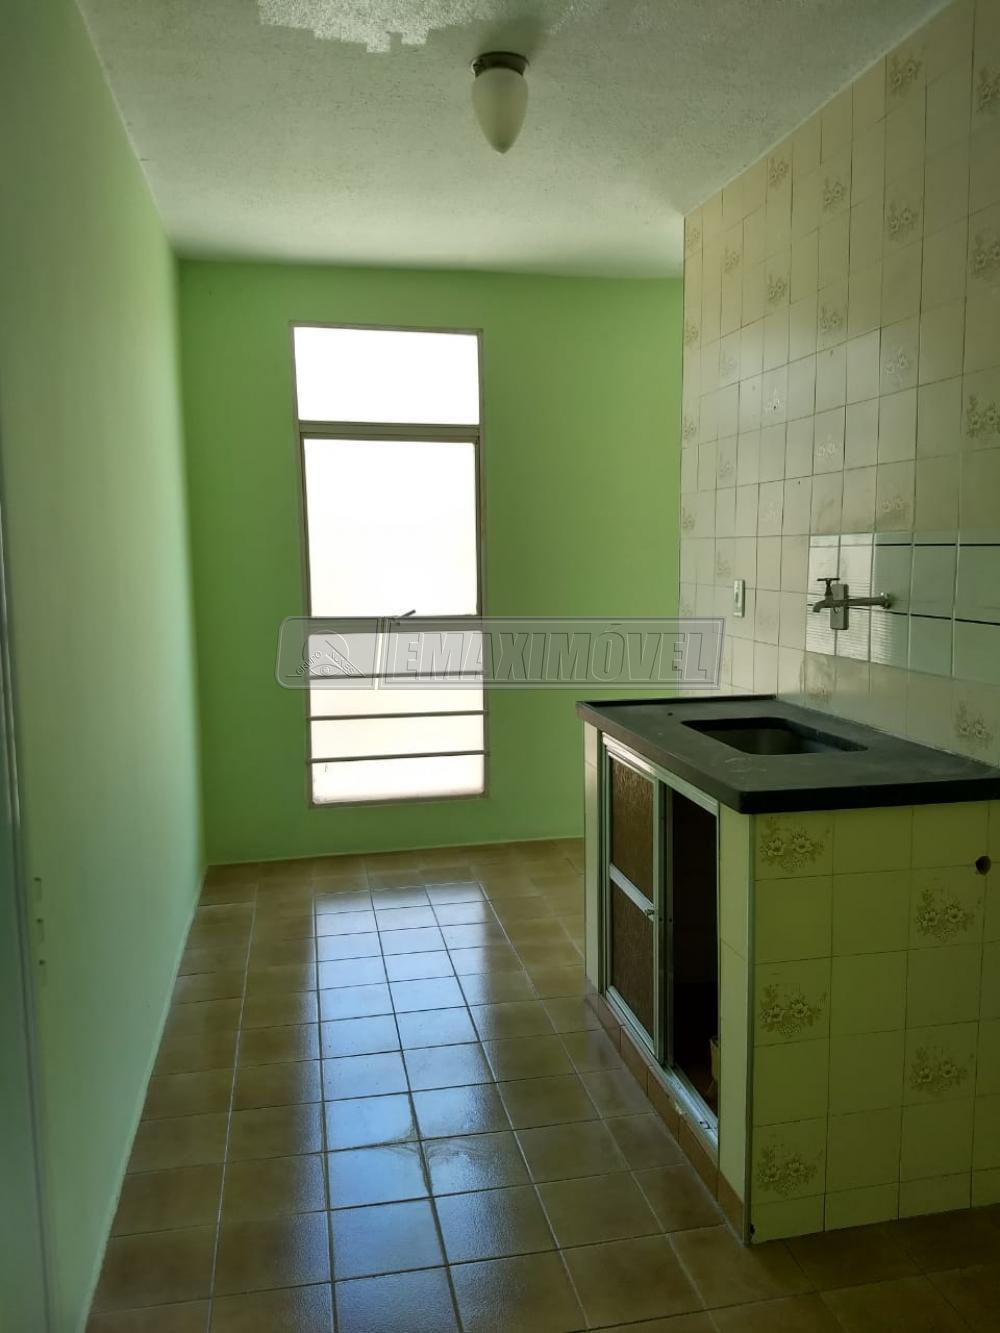 Comprar Apartamento / Padrão em Sorocaba R$ 148.400,00 - Foto 14